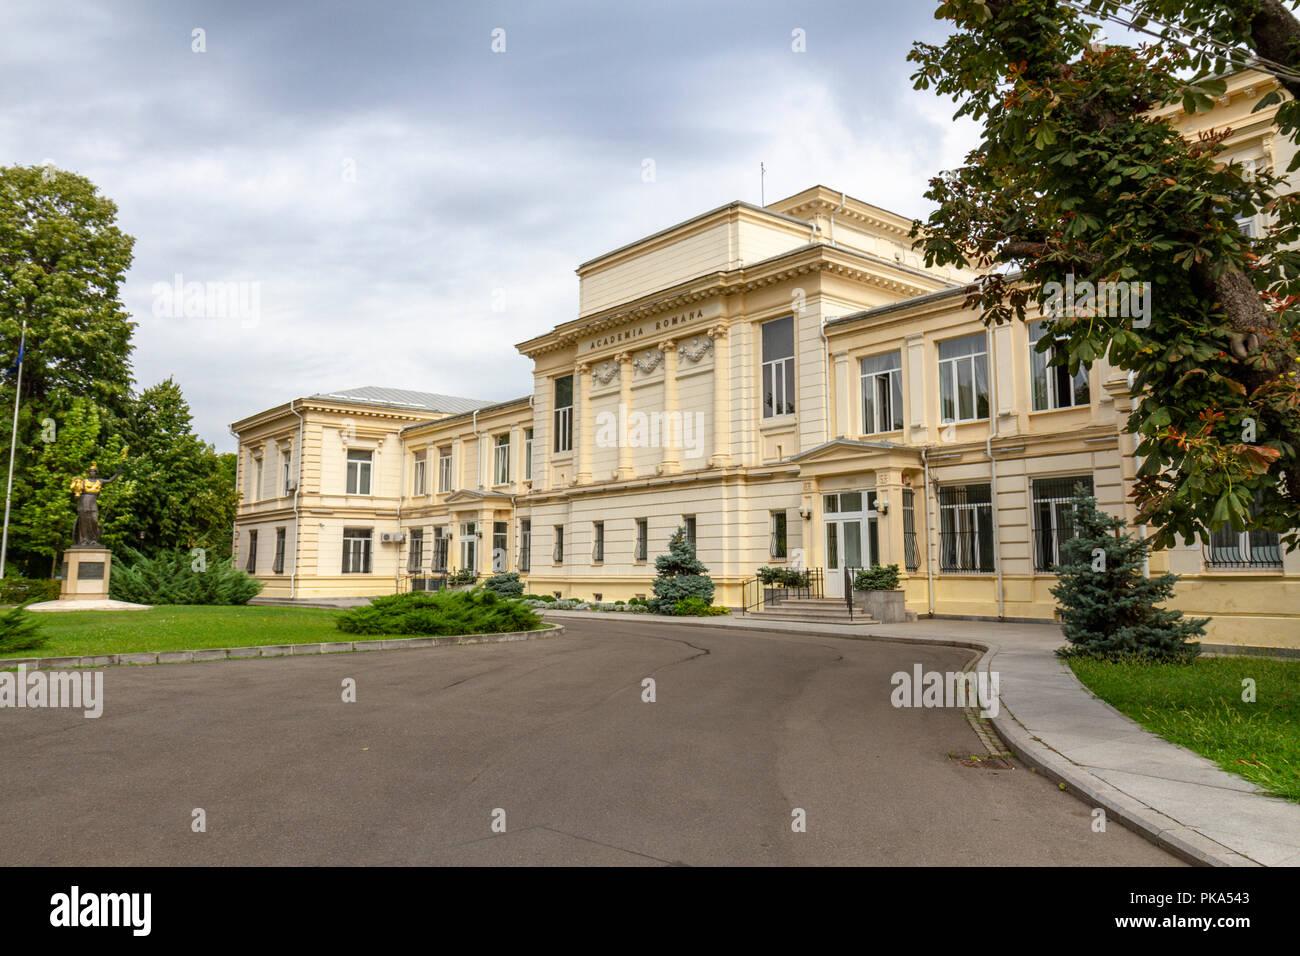 The Romanian Academy (Academia Română) is a cultural forum  on Calea Victoriei in Bucharest, Romania. - Stock Image